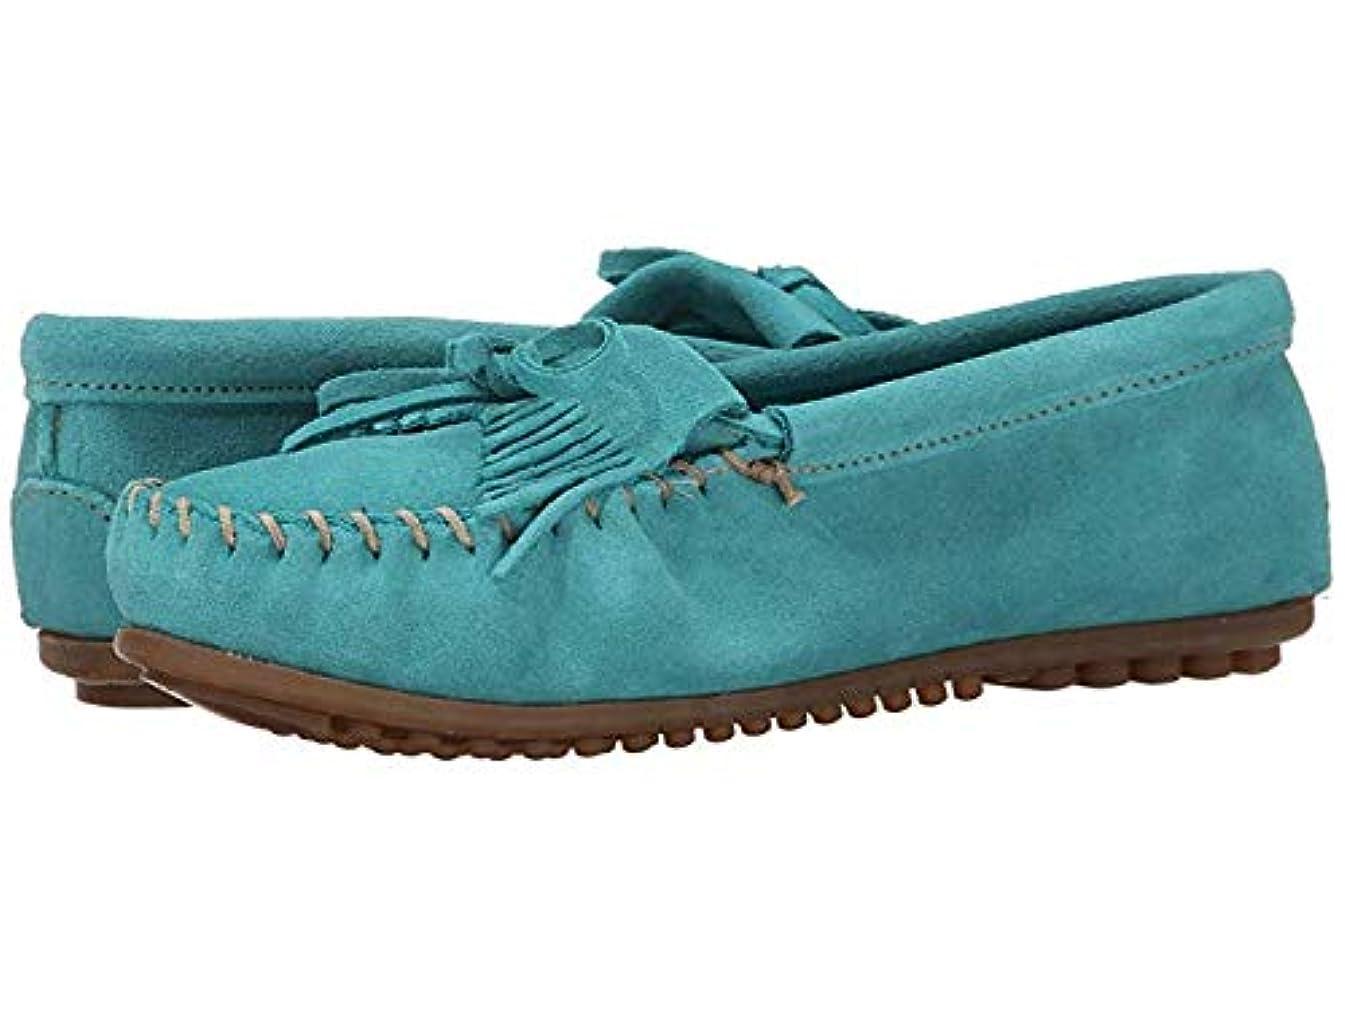 意味する遠征支店レディースローファー?靴 Kilty Moc Turquoise Suede (26.5cm) M [並行輸入品]